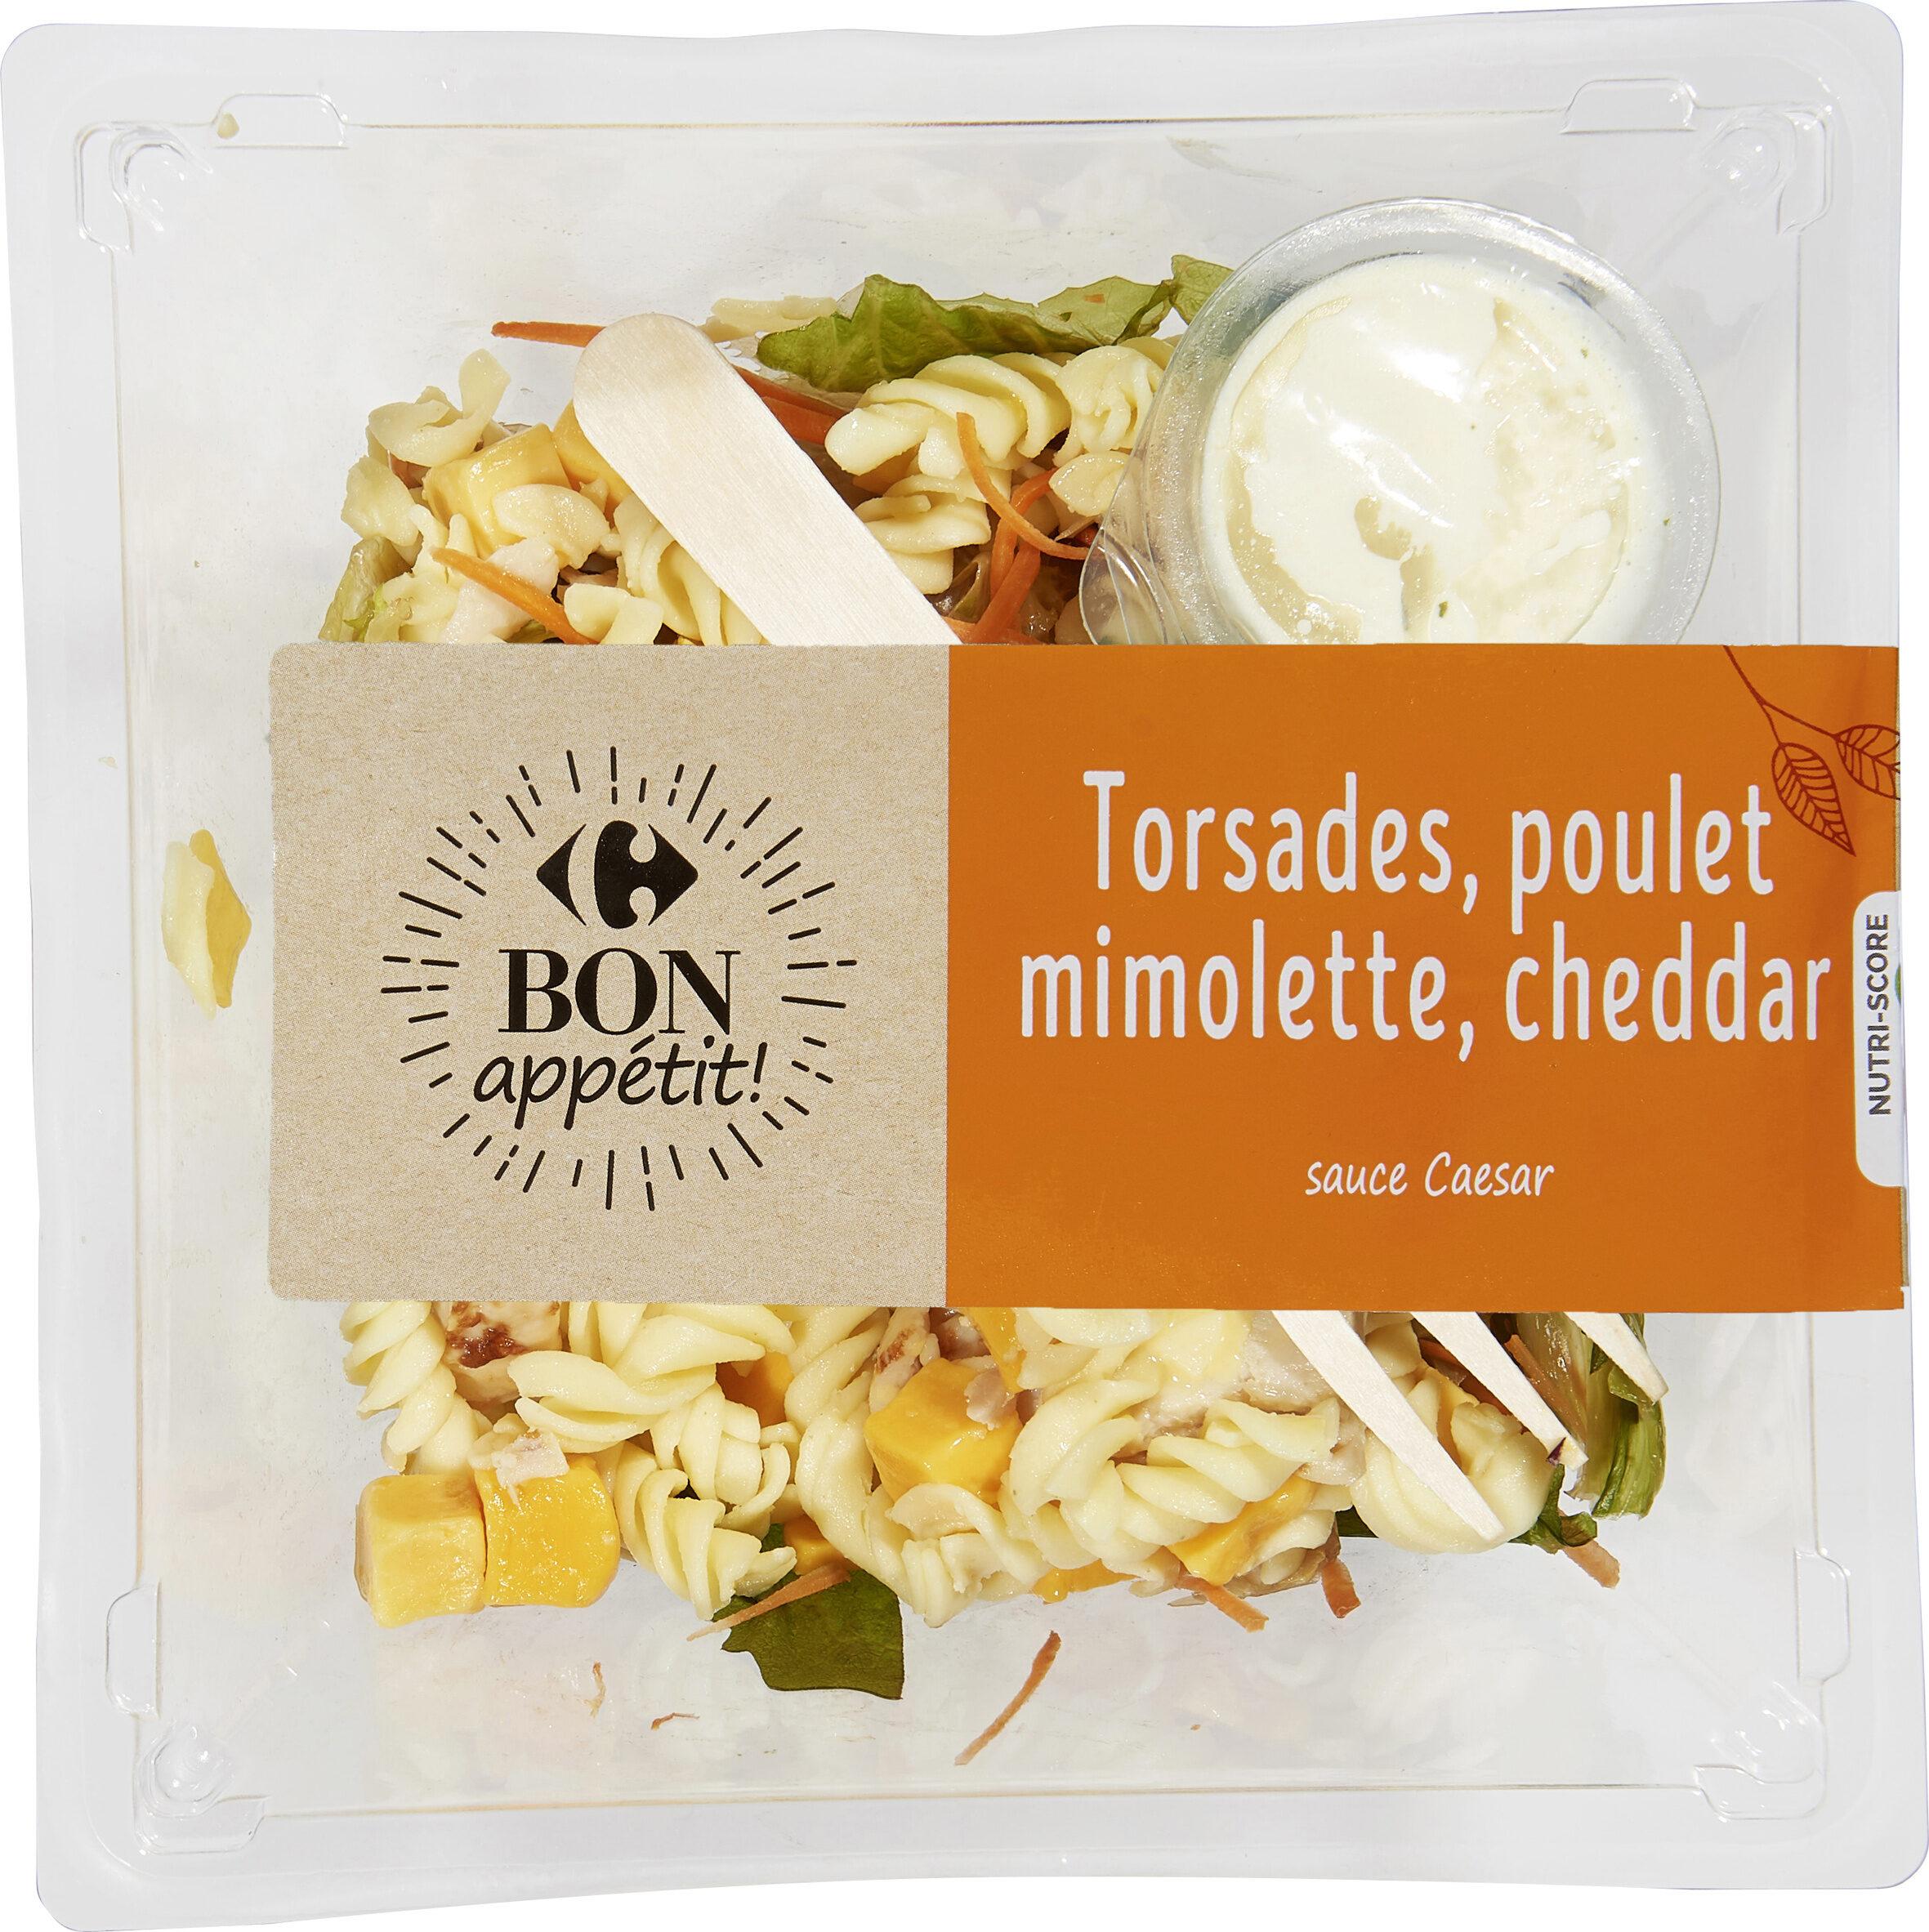 Torsades poulet, mimolette & cheddar - Produit - fr